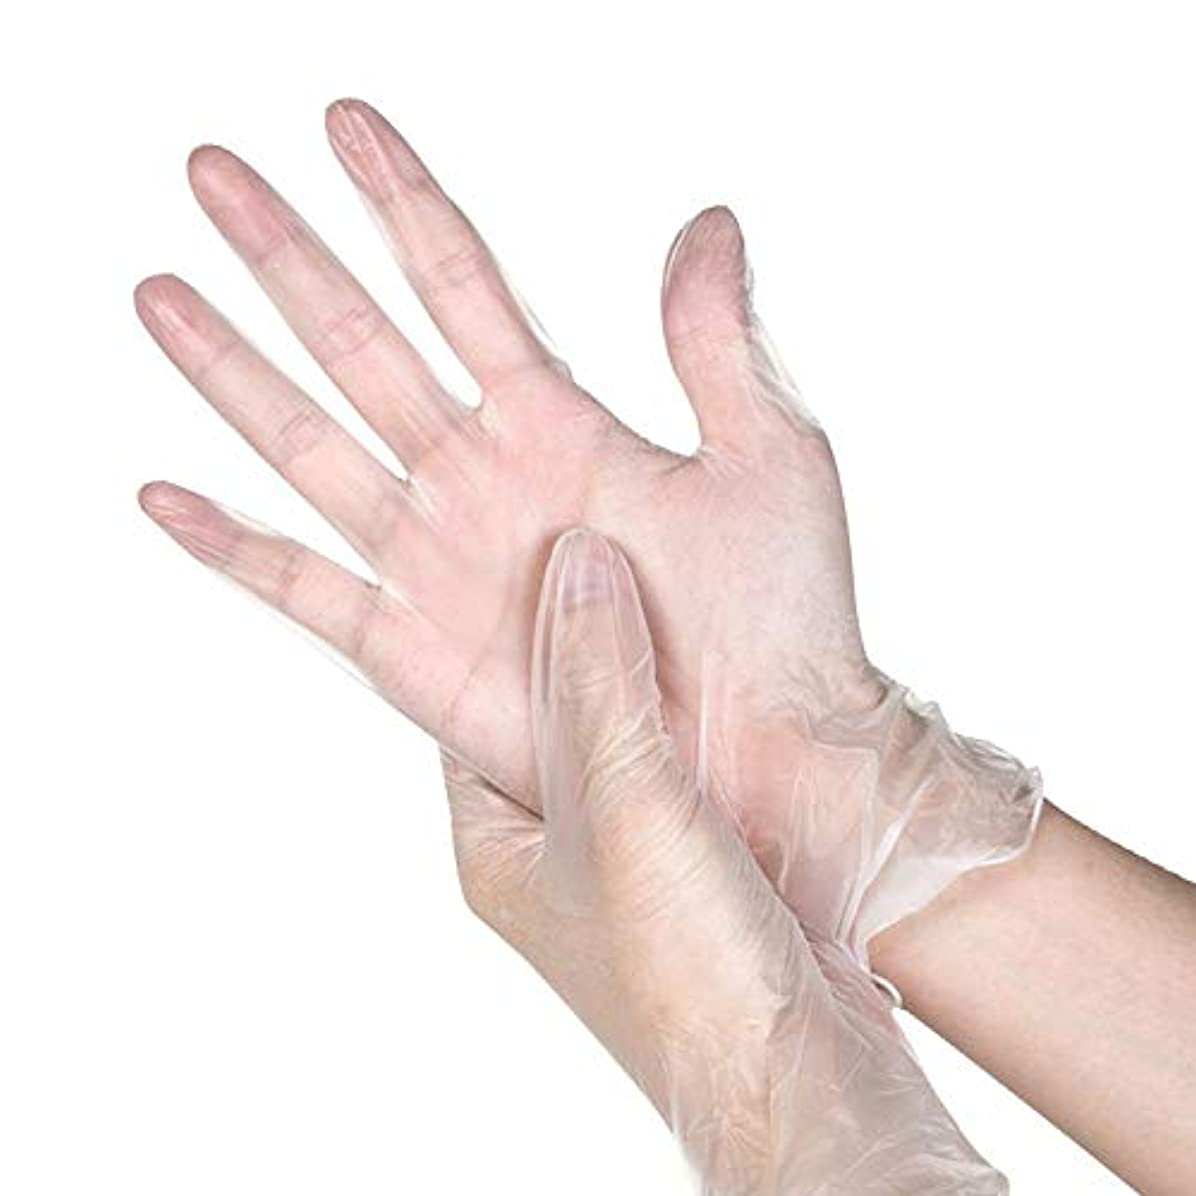 フレット暗いなぜなら100組の透明なポリ塩化ビニールの手袋粉のないA等級の防水および耐油の使い捨て可能な食糧美容院のビニールの手袋 YANW (色 : トランスペアレント, サイズ さいず : M m)